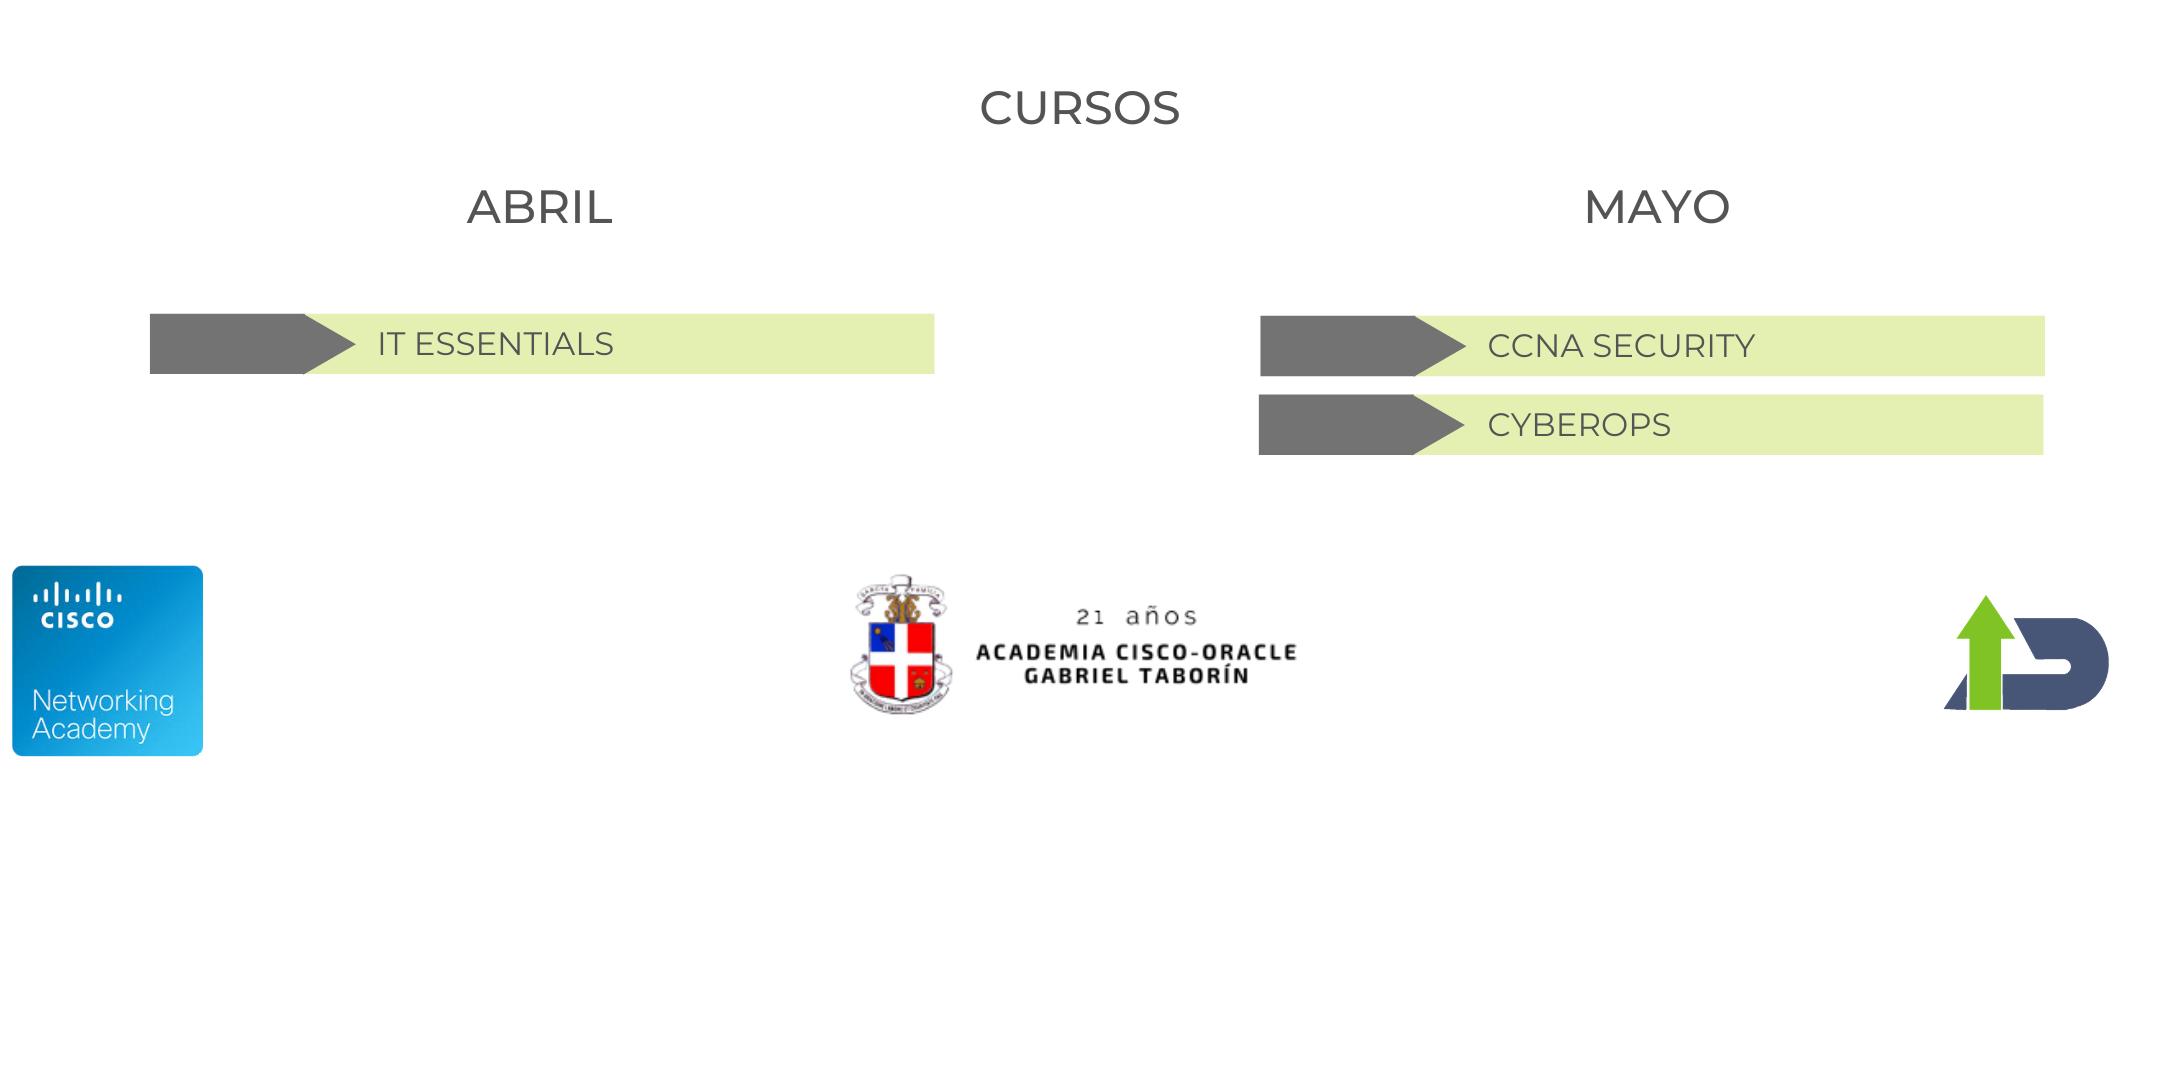 CURSOS(2)